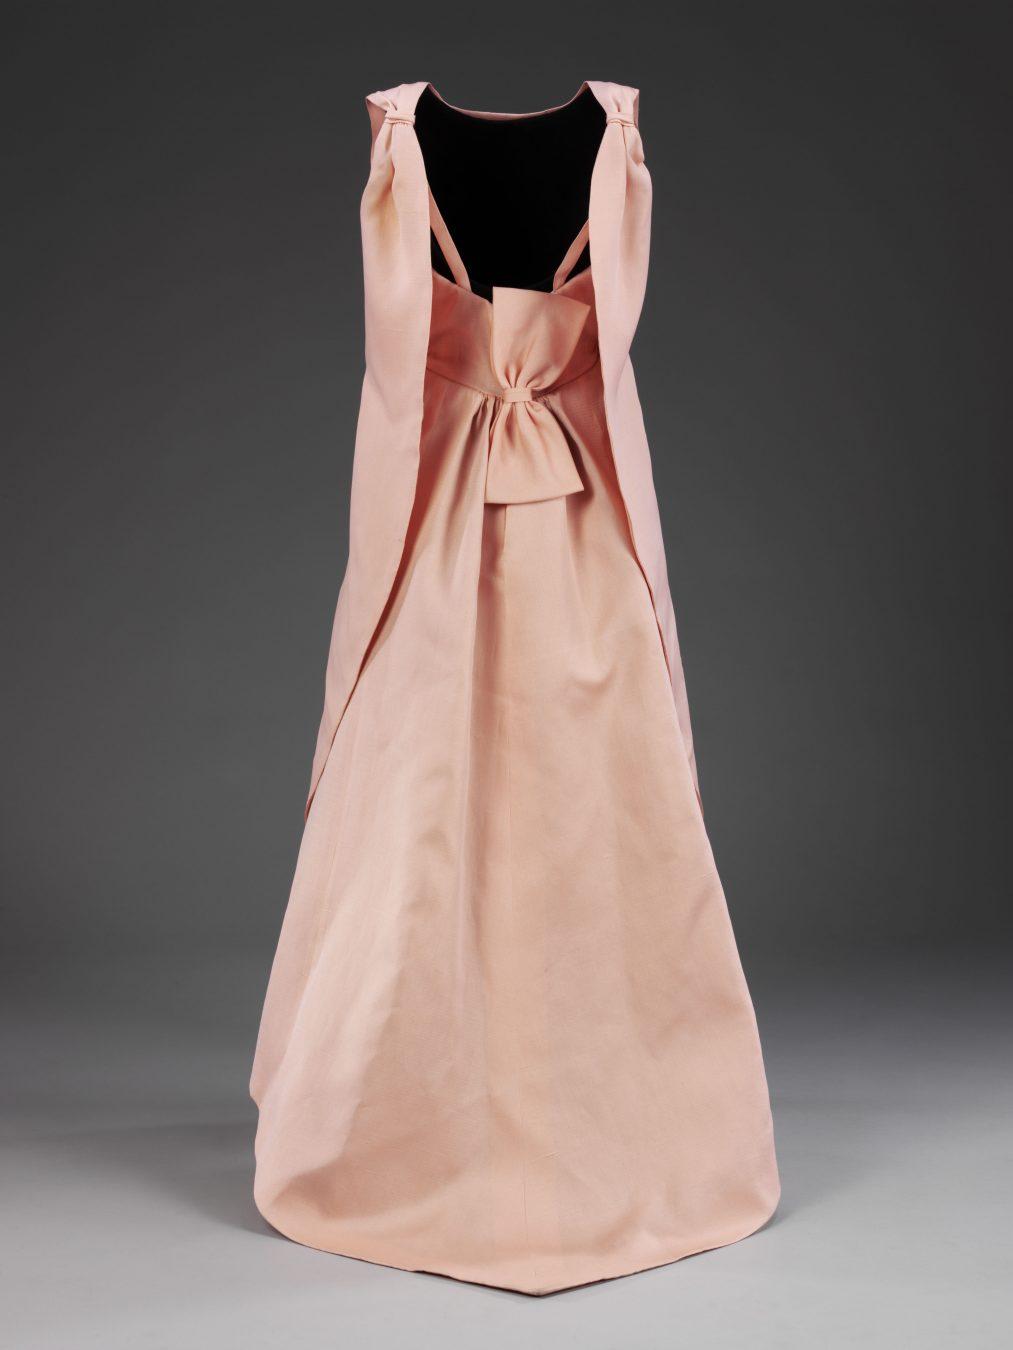 Balenciaga Shaping Fashion At The Victoria Albert Museum